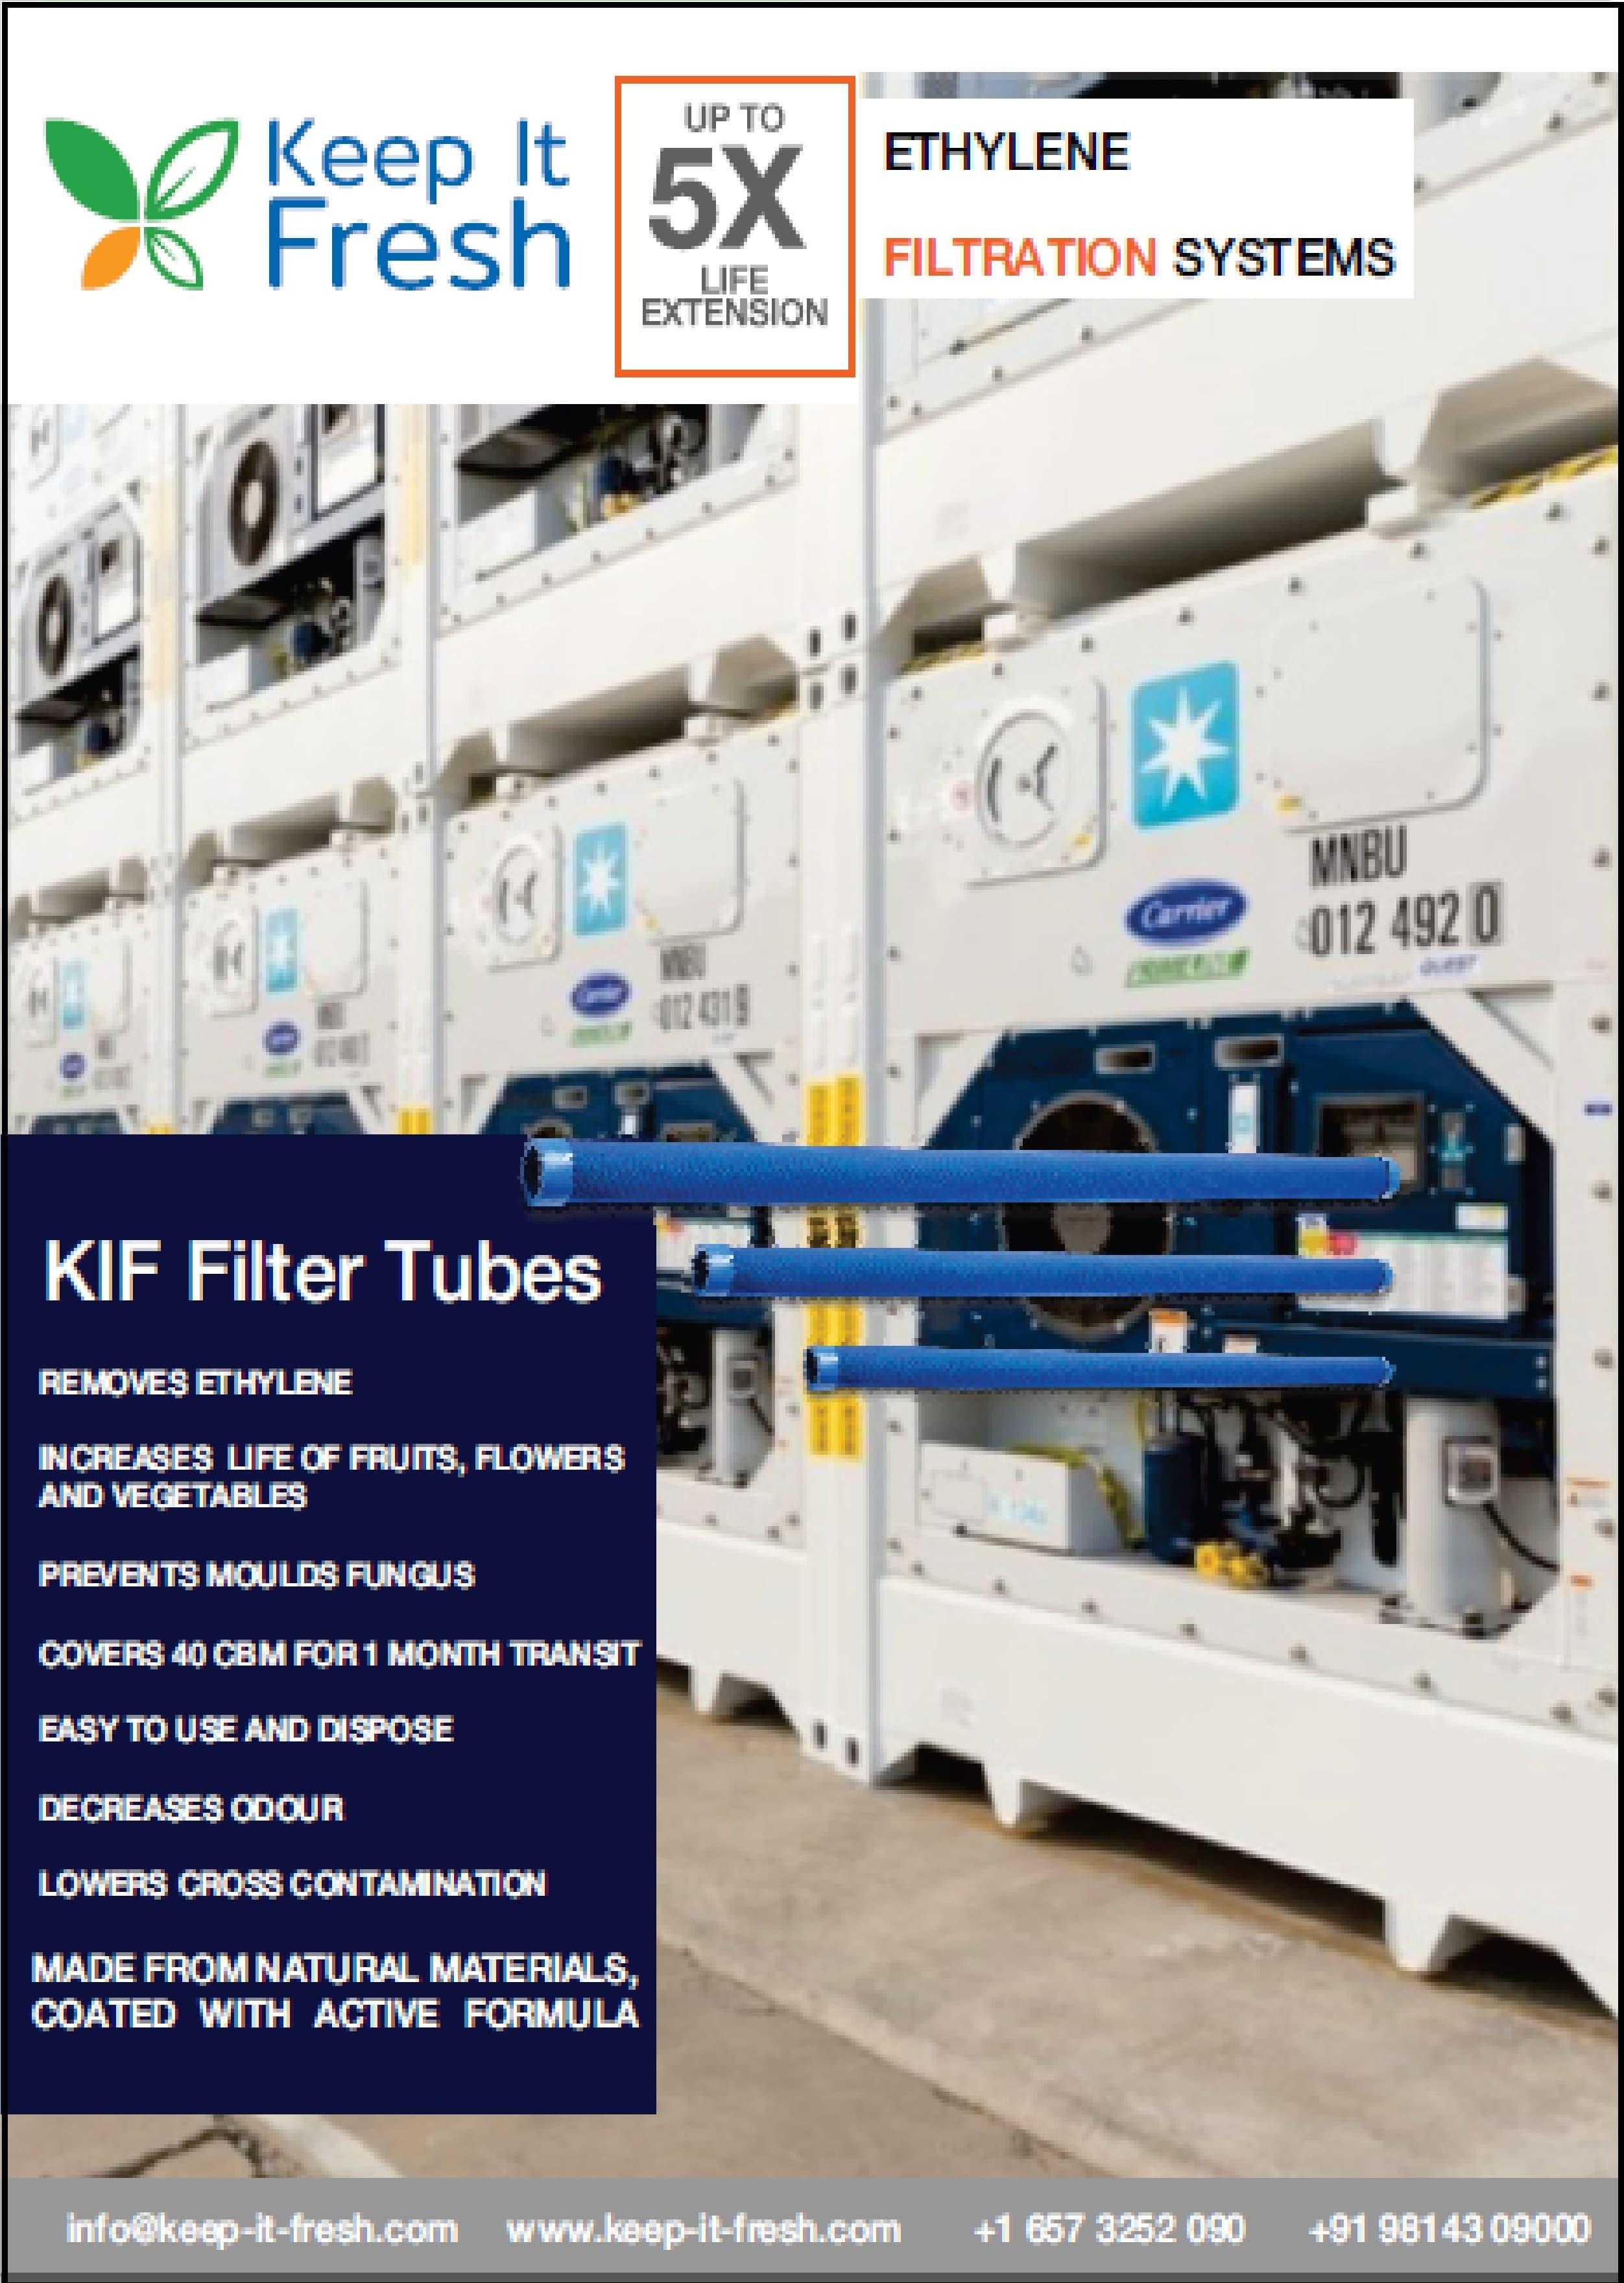 KIF FILTER TUBES